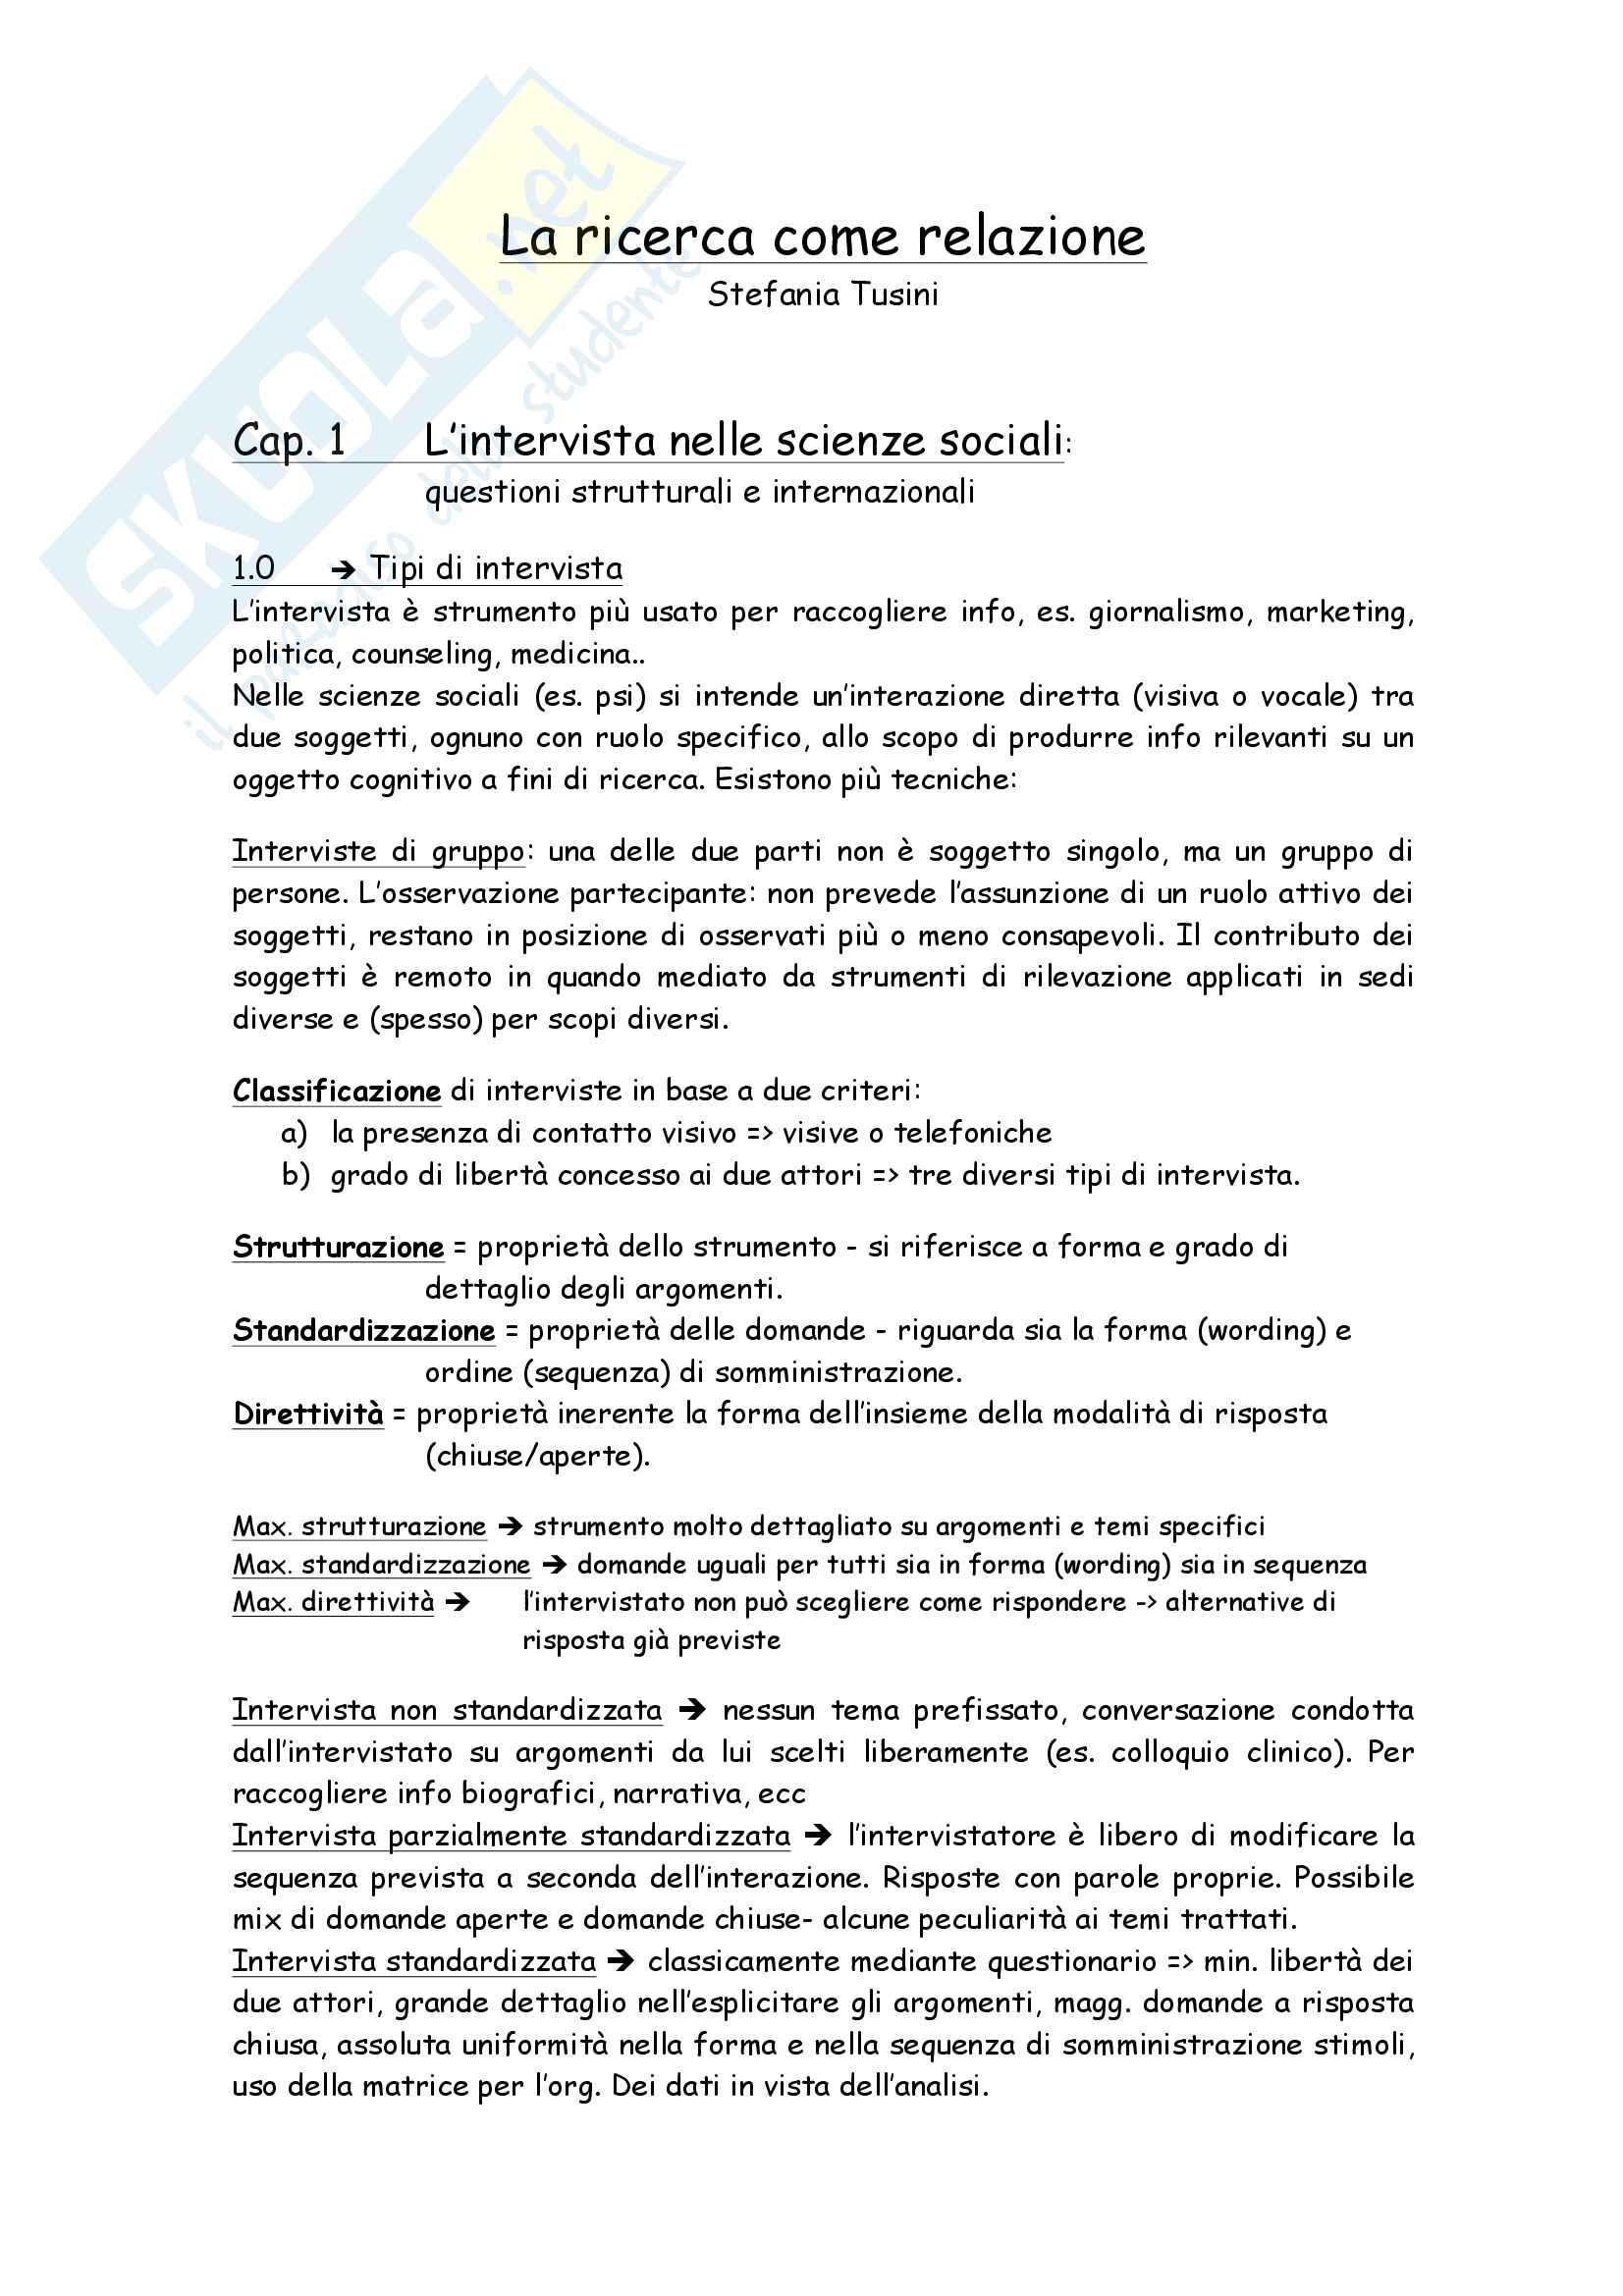 appunto D. Barni Metodi e tecniche dell'intervista e del questionario